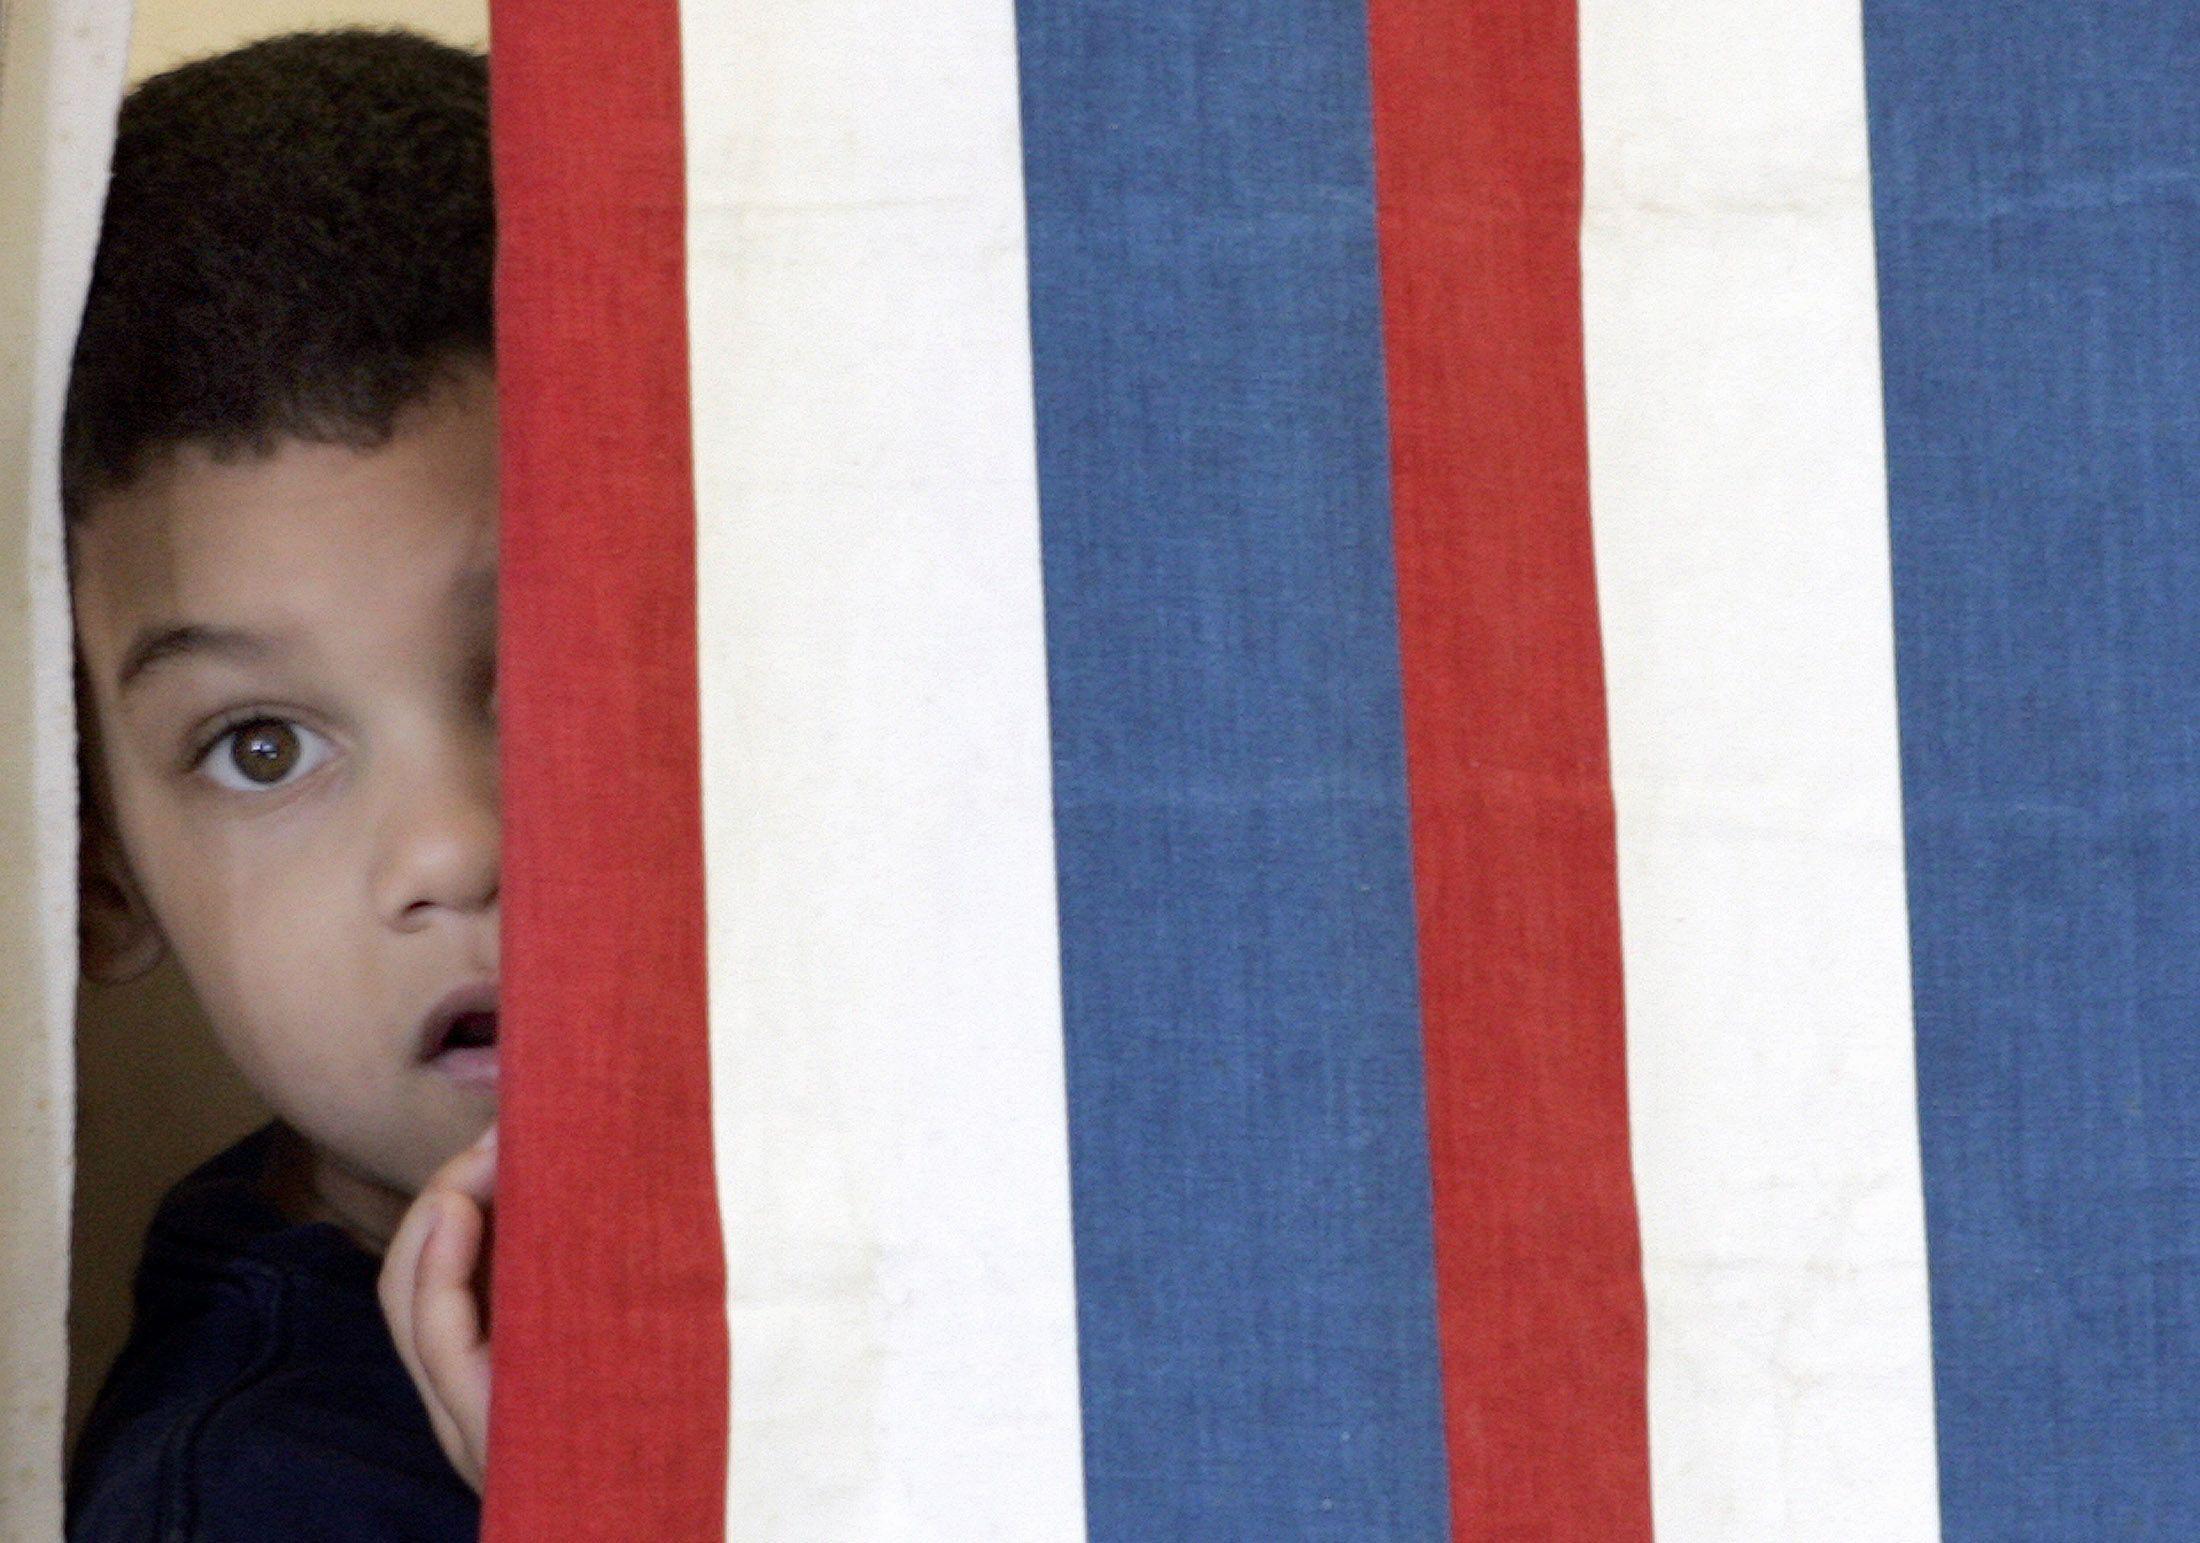 08_09_Vote_Fraud_01